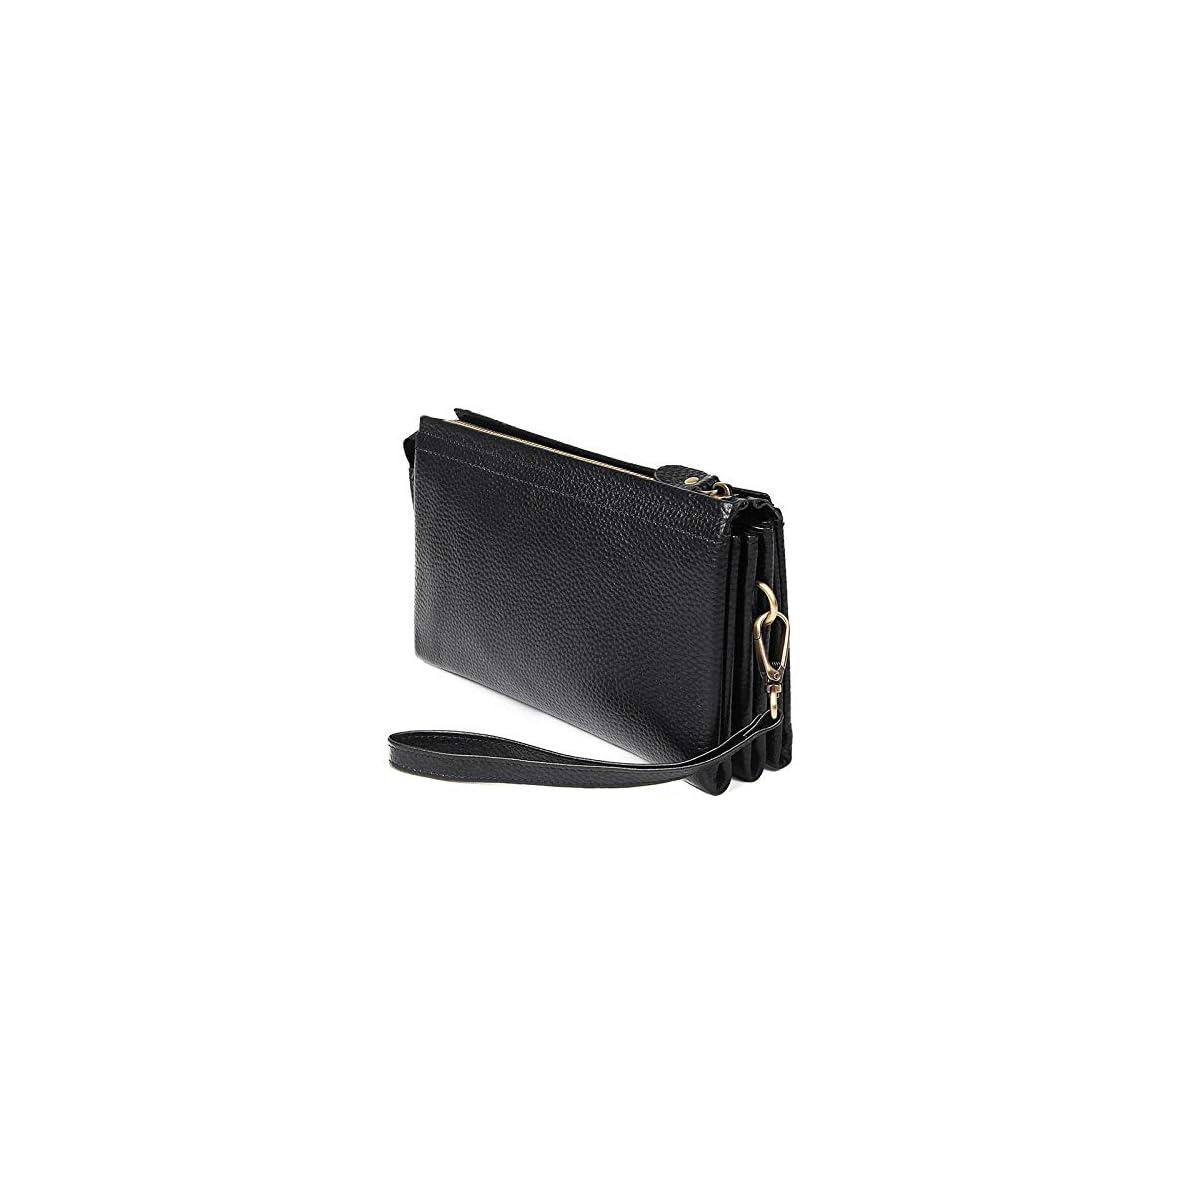 51vkThu45gL. SS1200  - Bolso de cuero del negocio de la cartera larga del negocio de la cartera del cuero del lichi del embrague de la capa superior de los hombres